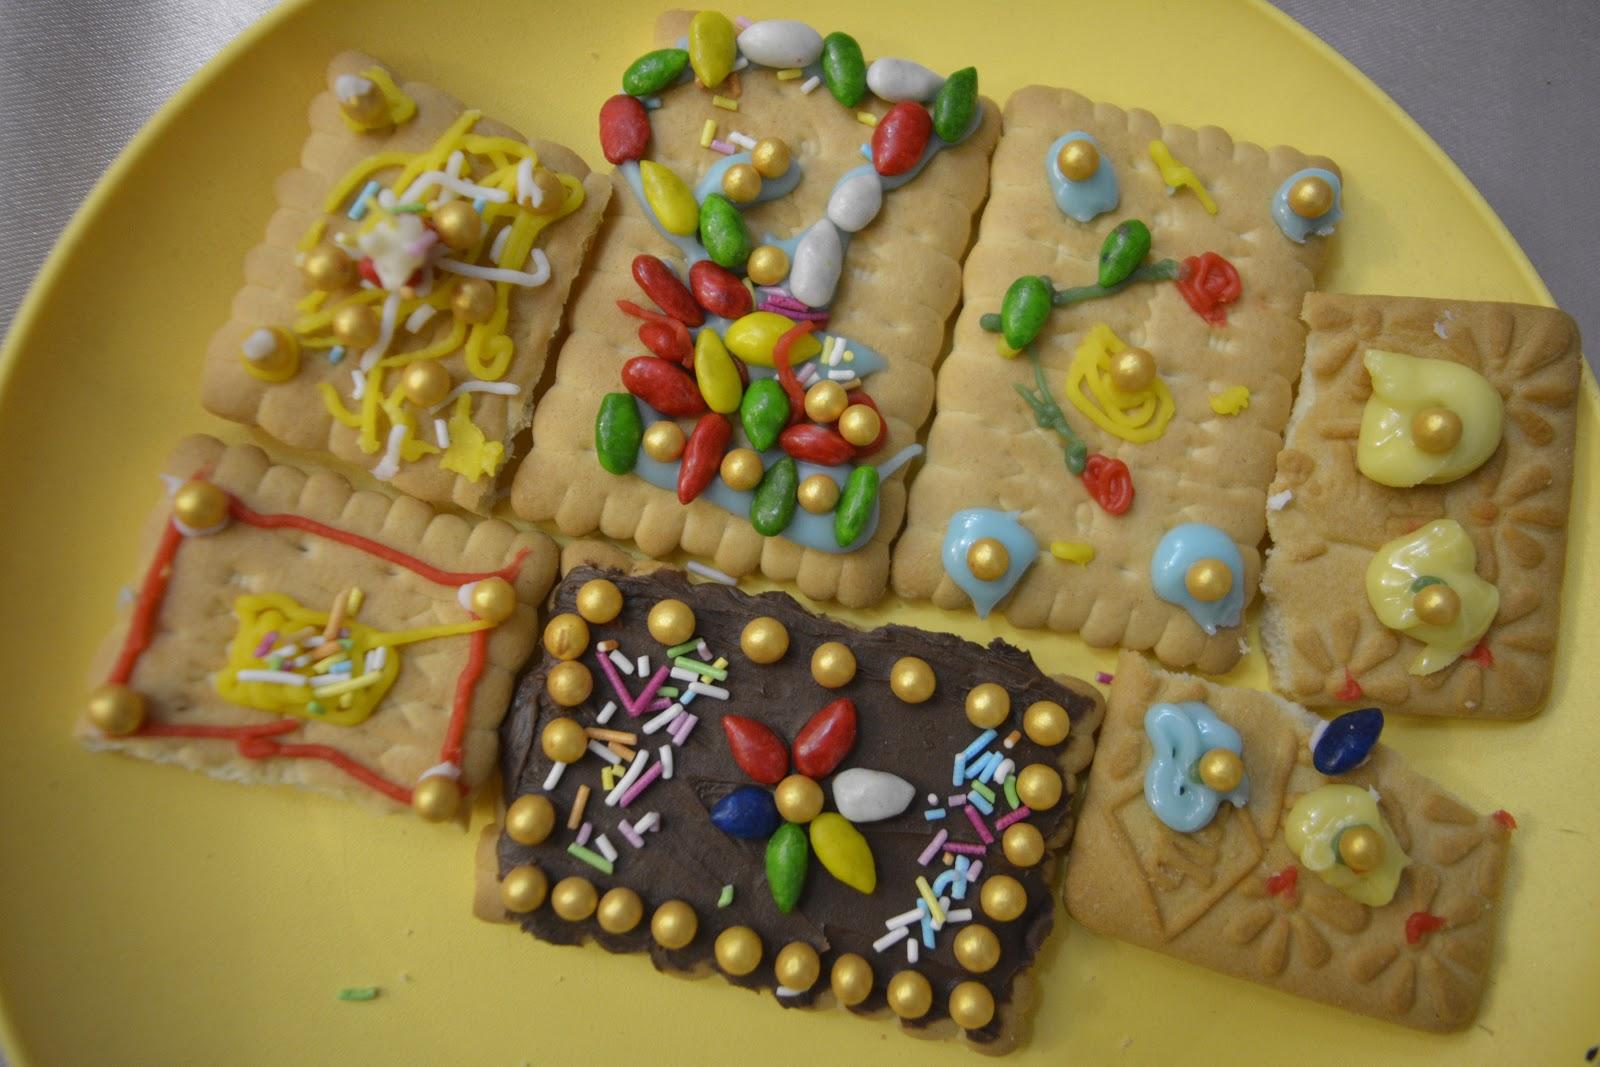 мастер-класс по украшению печенья